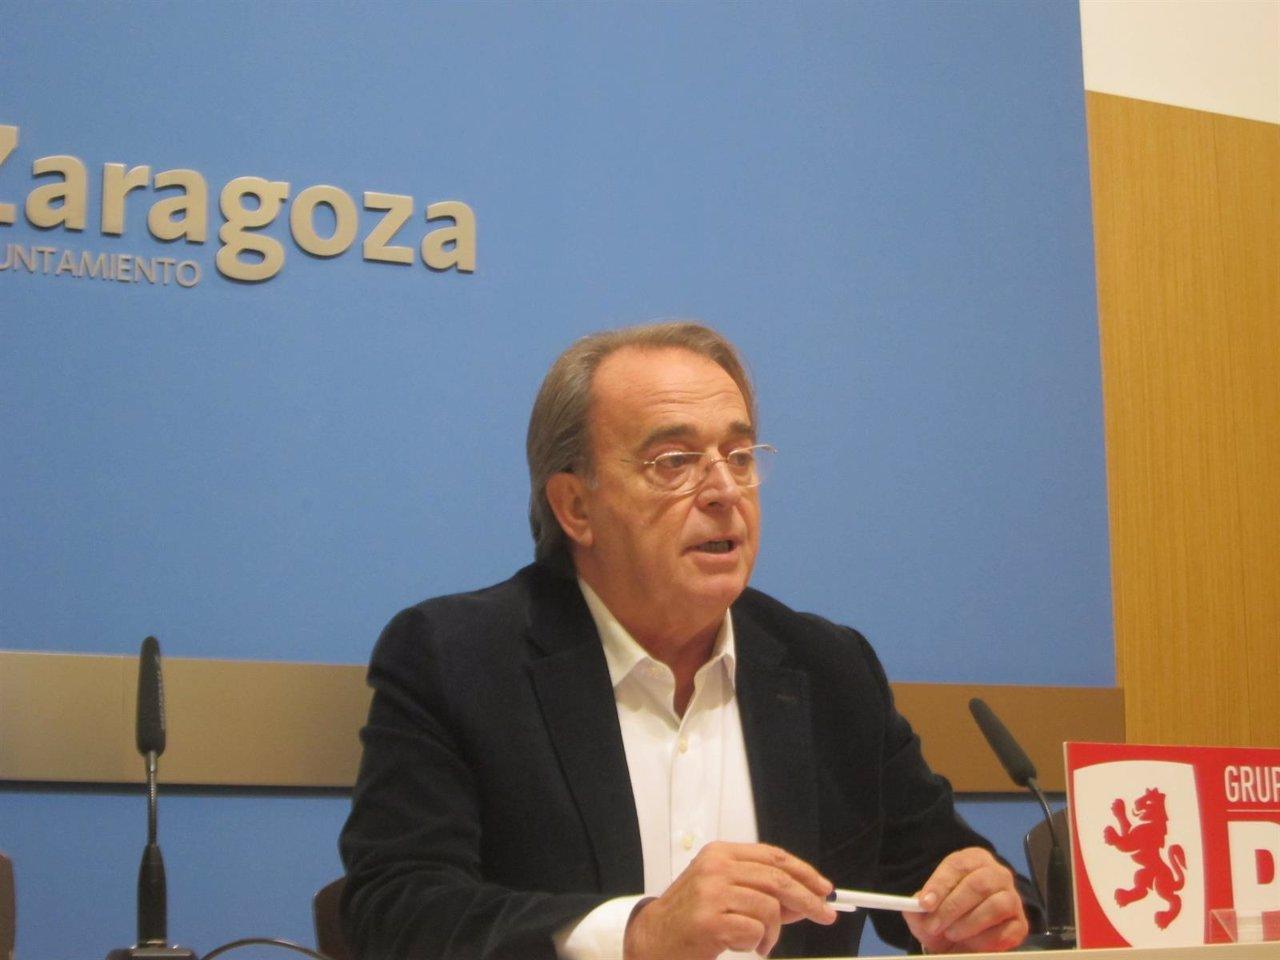 El portavoz socialista en el Ayuntamiento de Zaragoza, Carlos Pérez Anadón